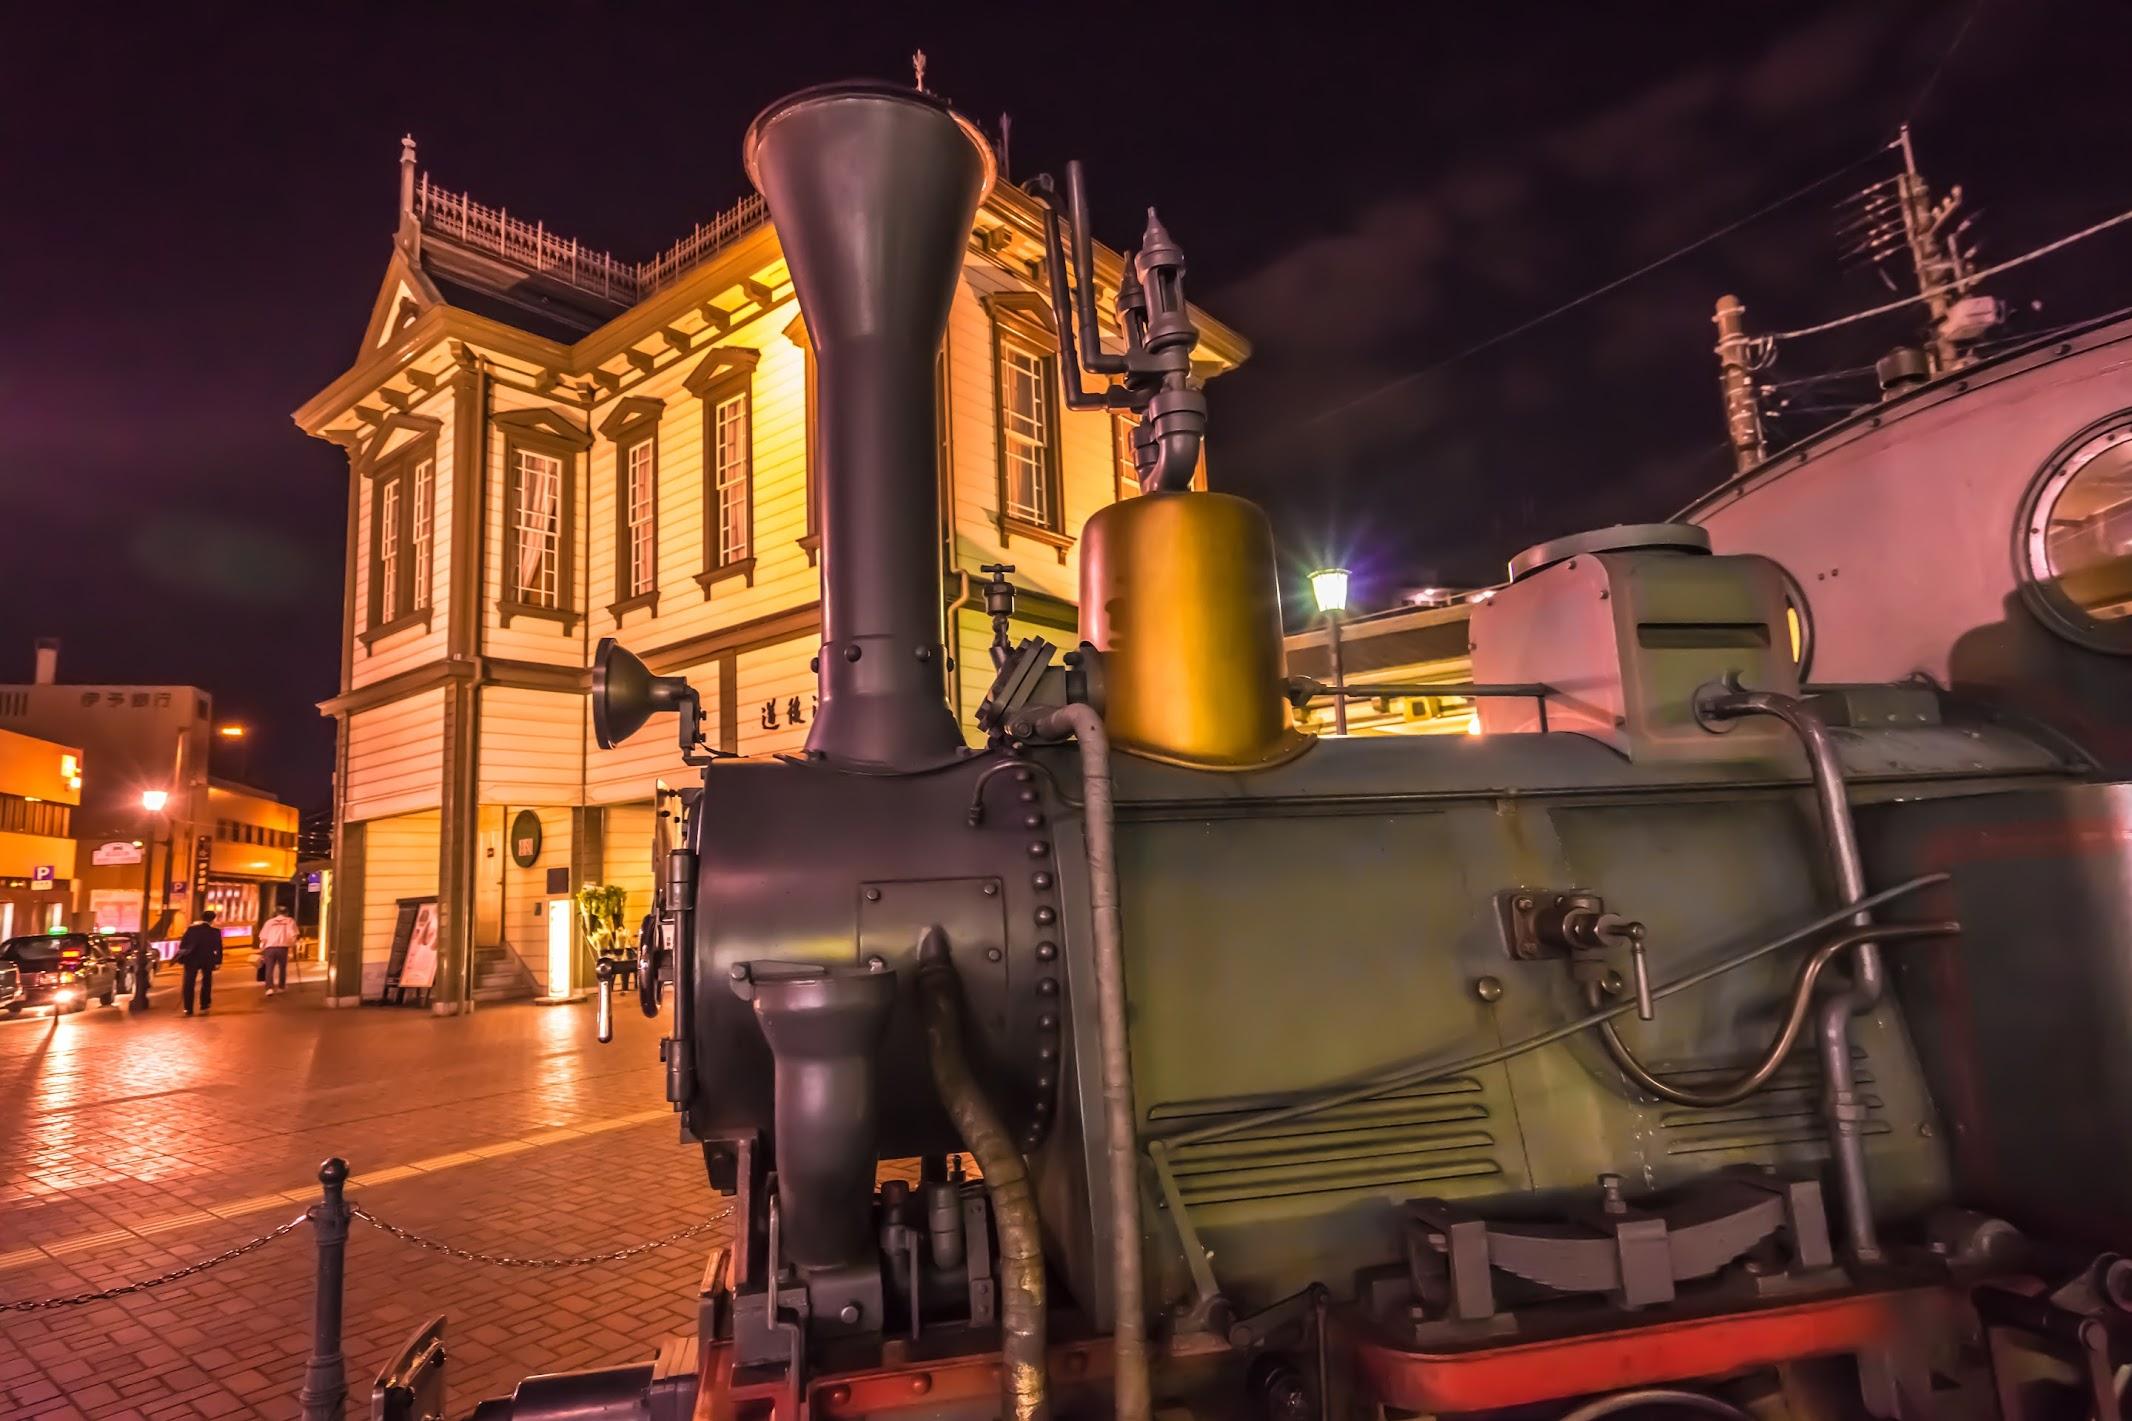 道後温泉駅 夜景(ライトアップ)2